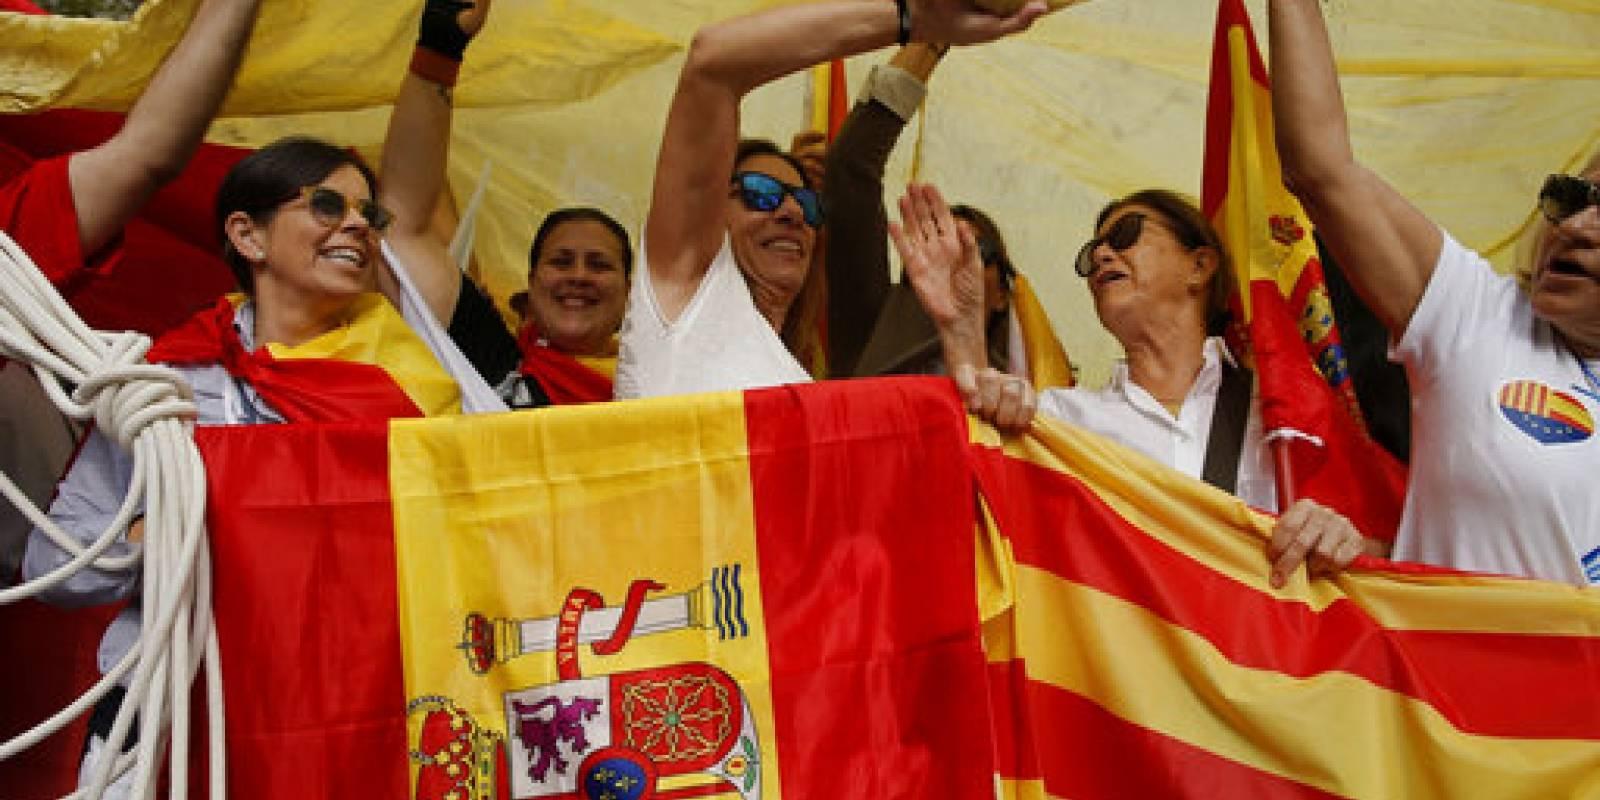 Españoles y catalanes celebran el Día de la Hispanidad 2017